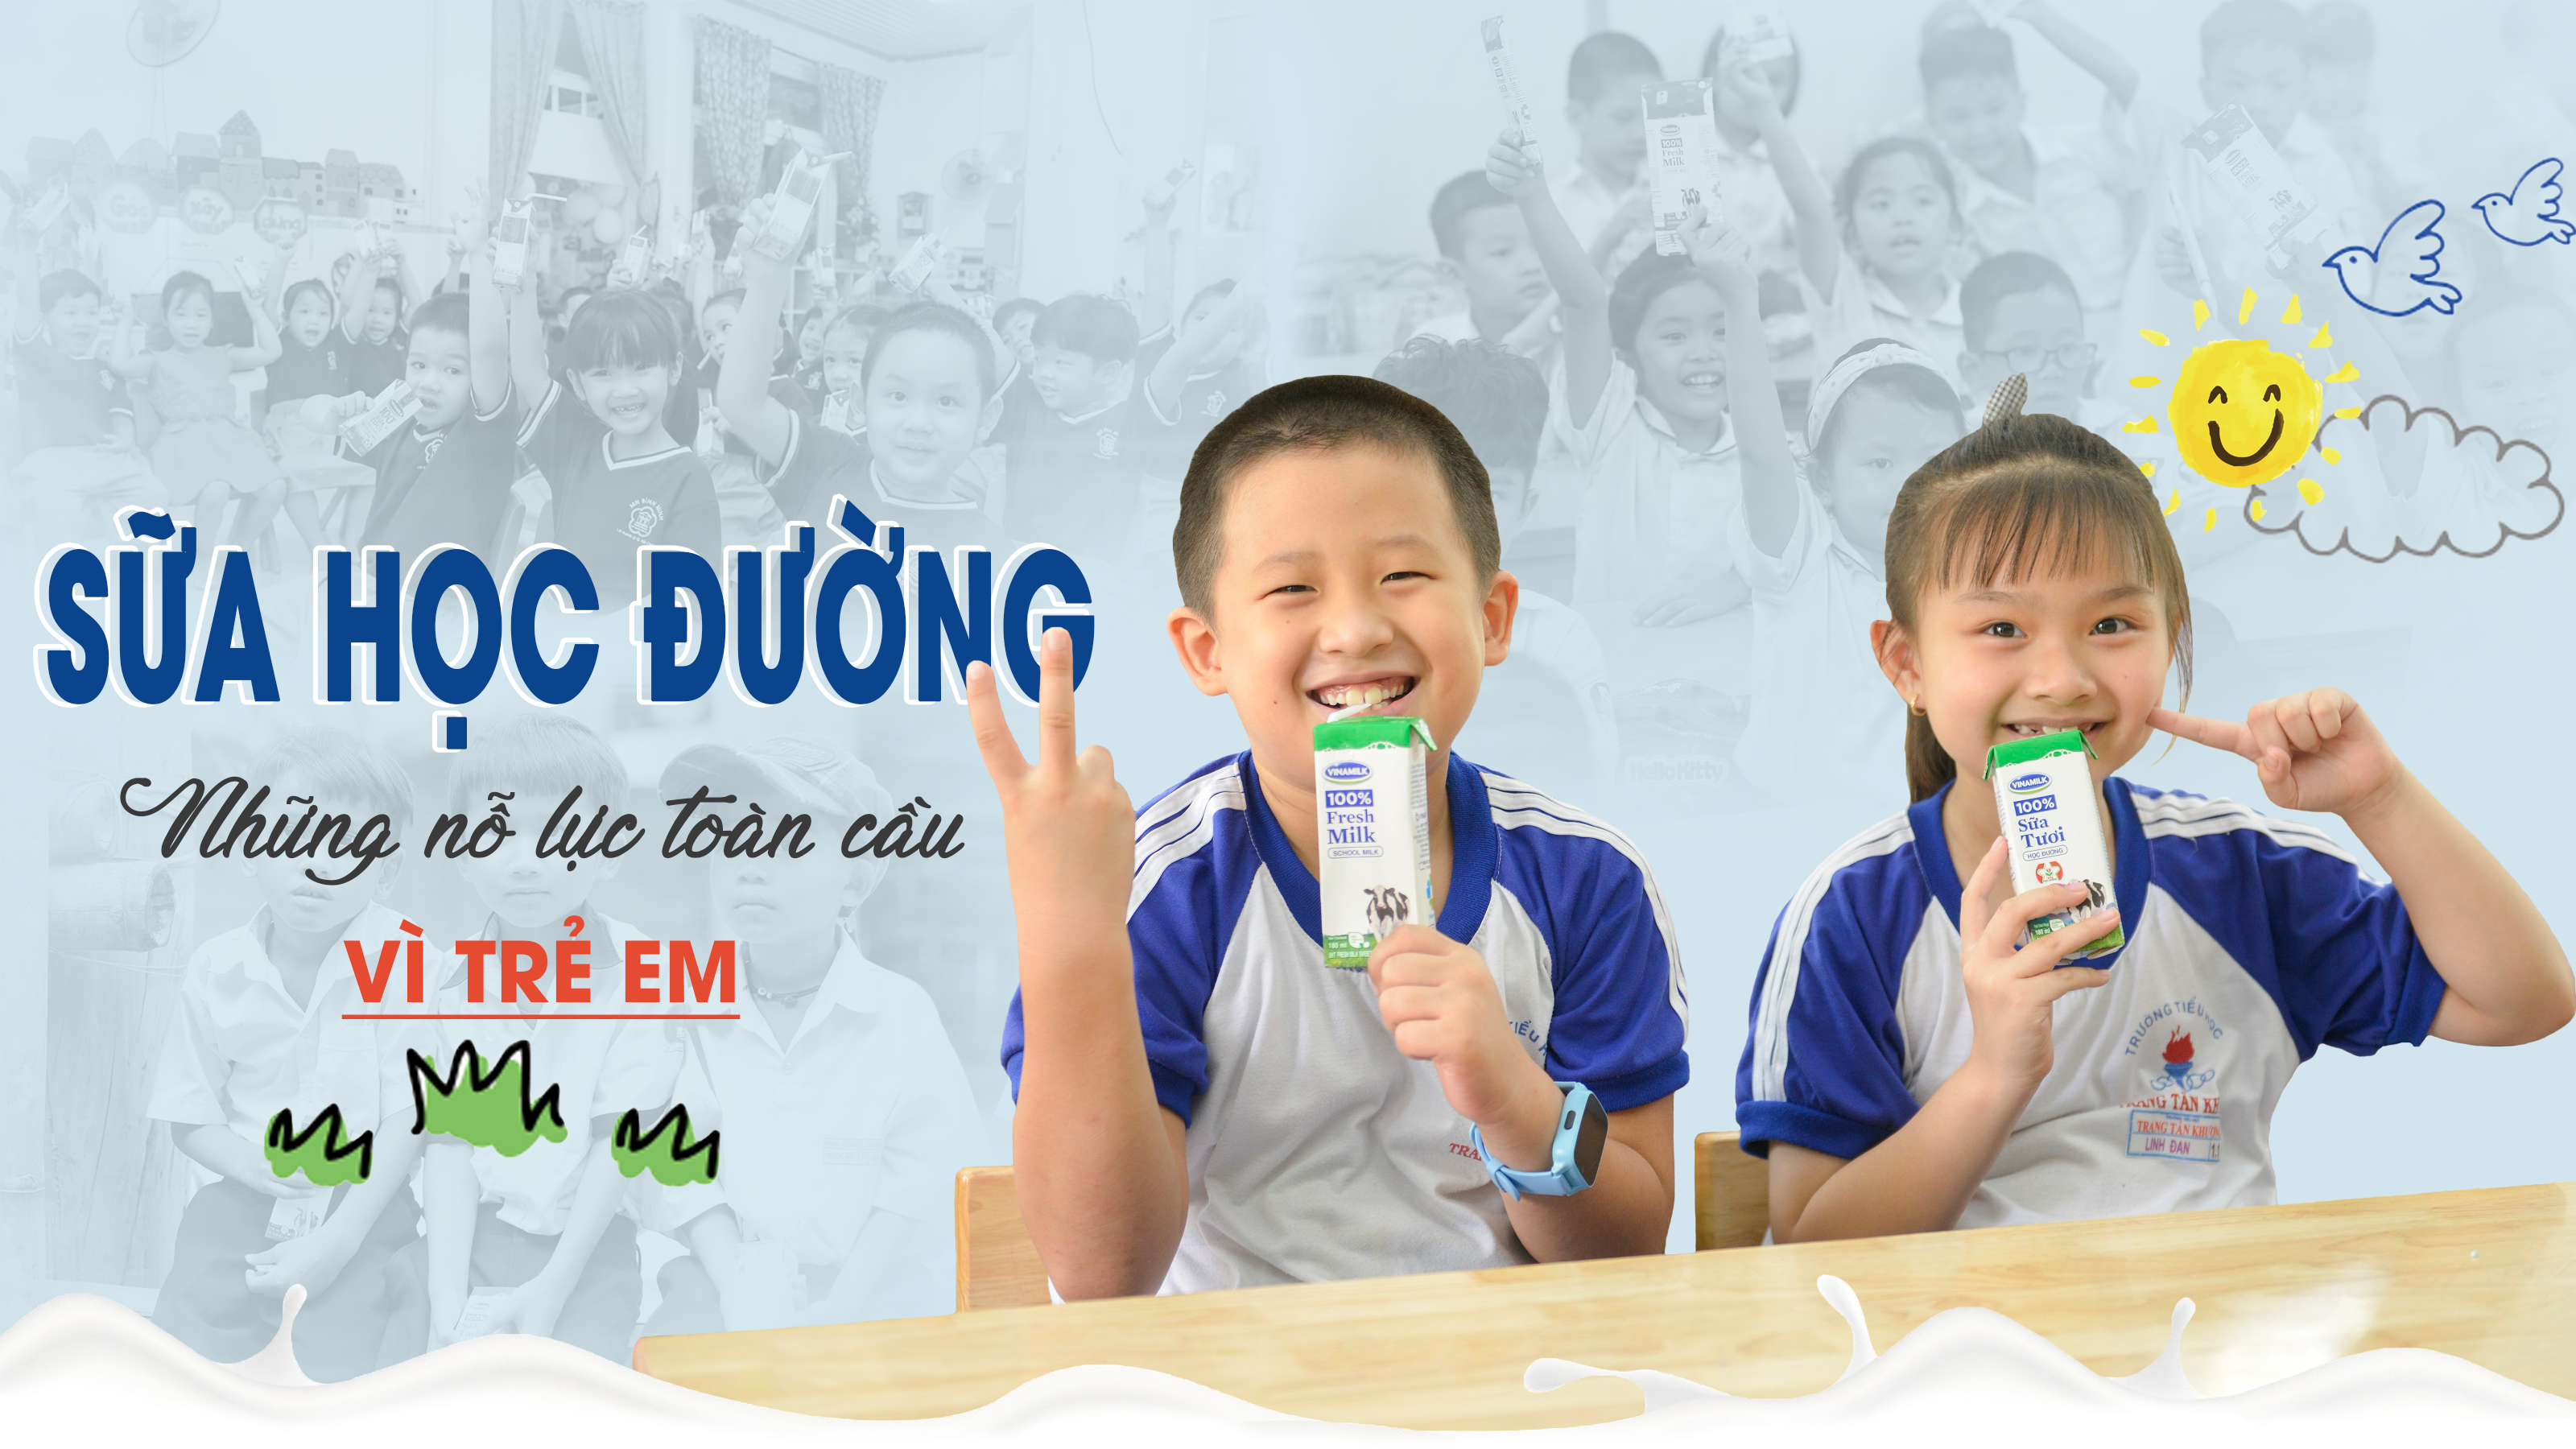 Sữa học đường - Những nỗ lực toàn cầu vì trẻ em